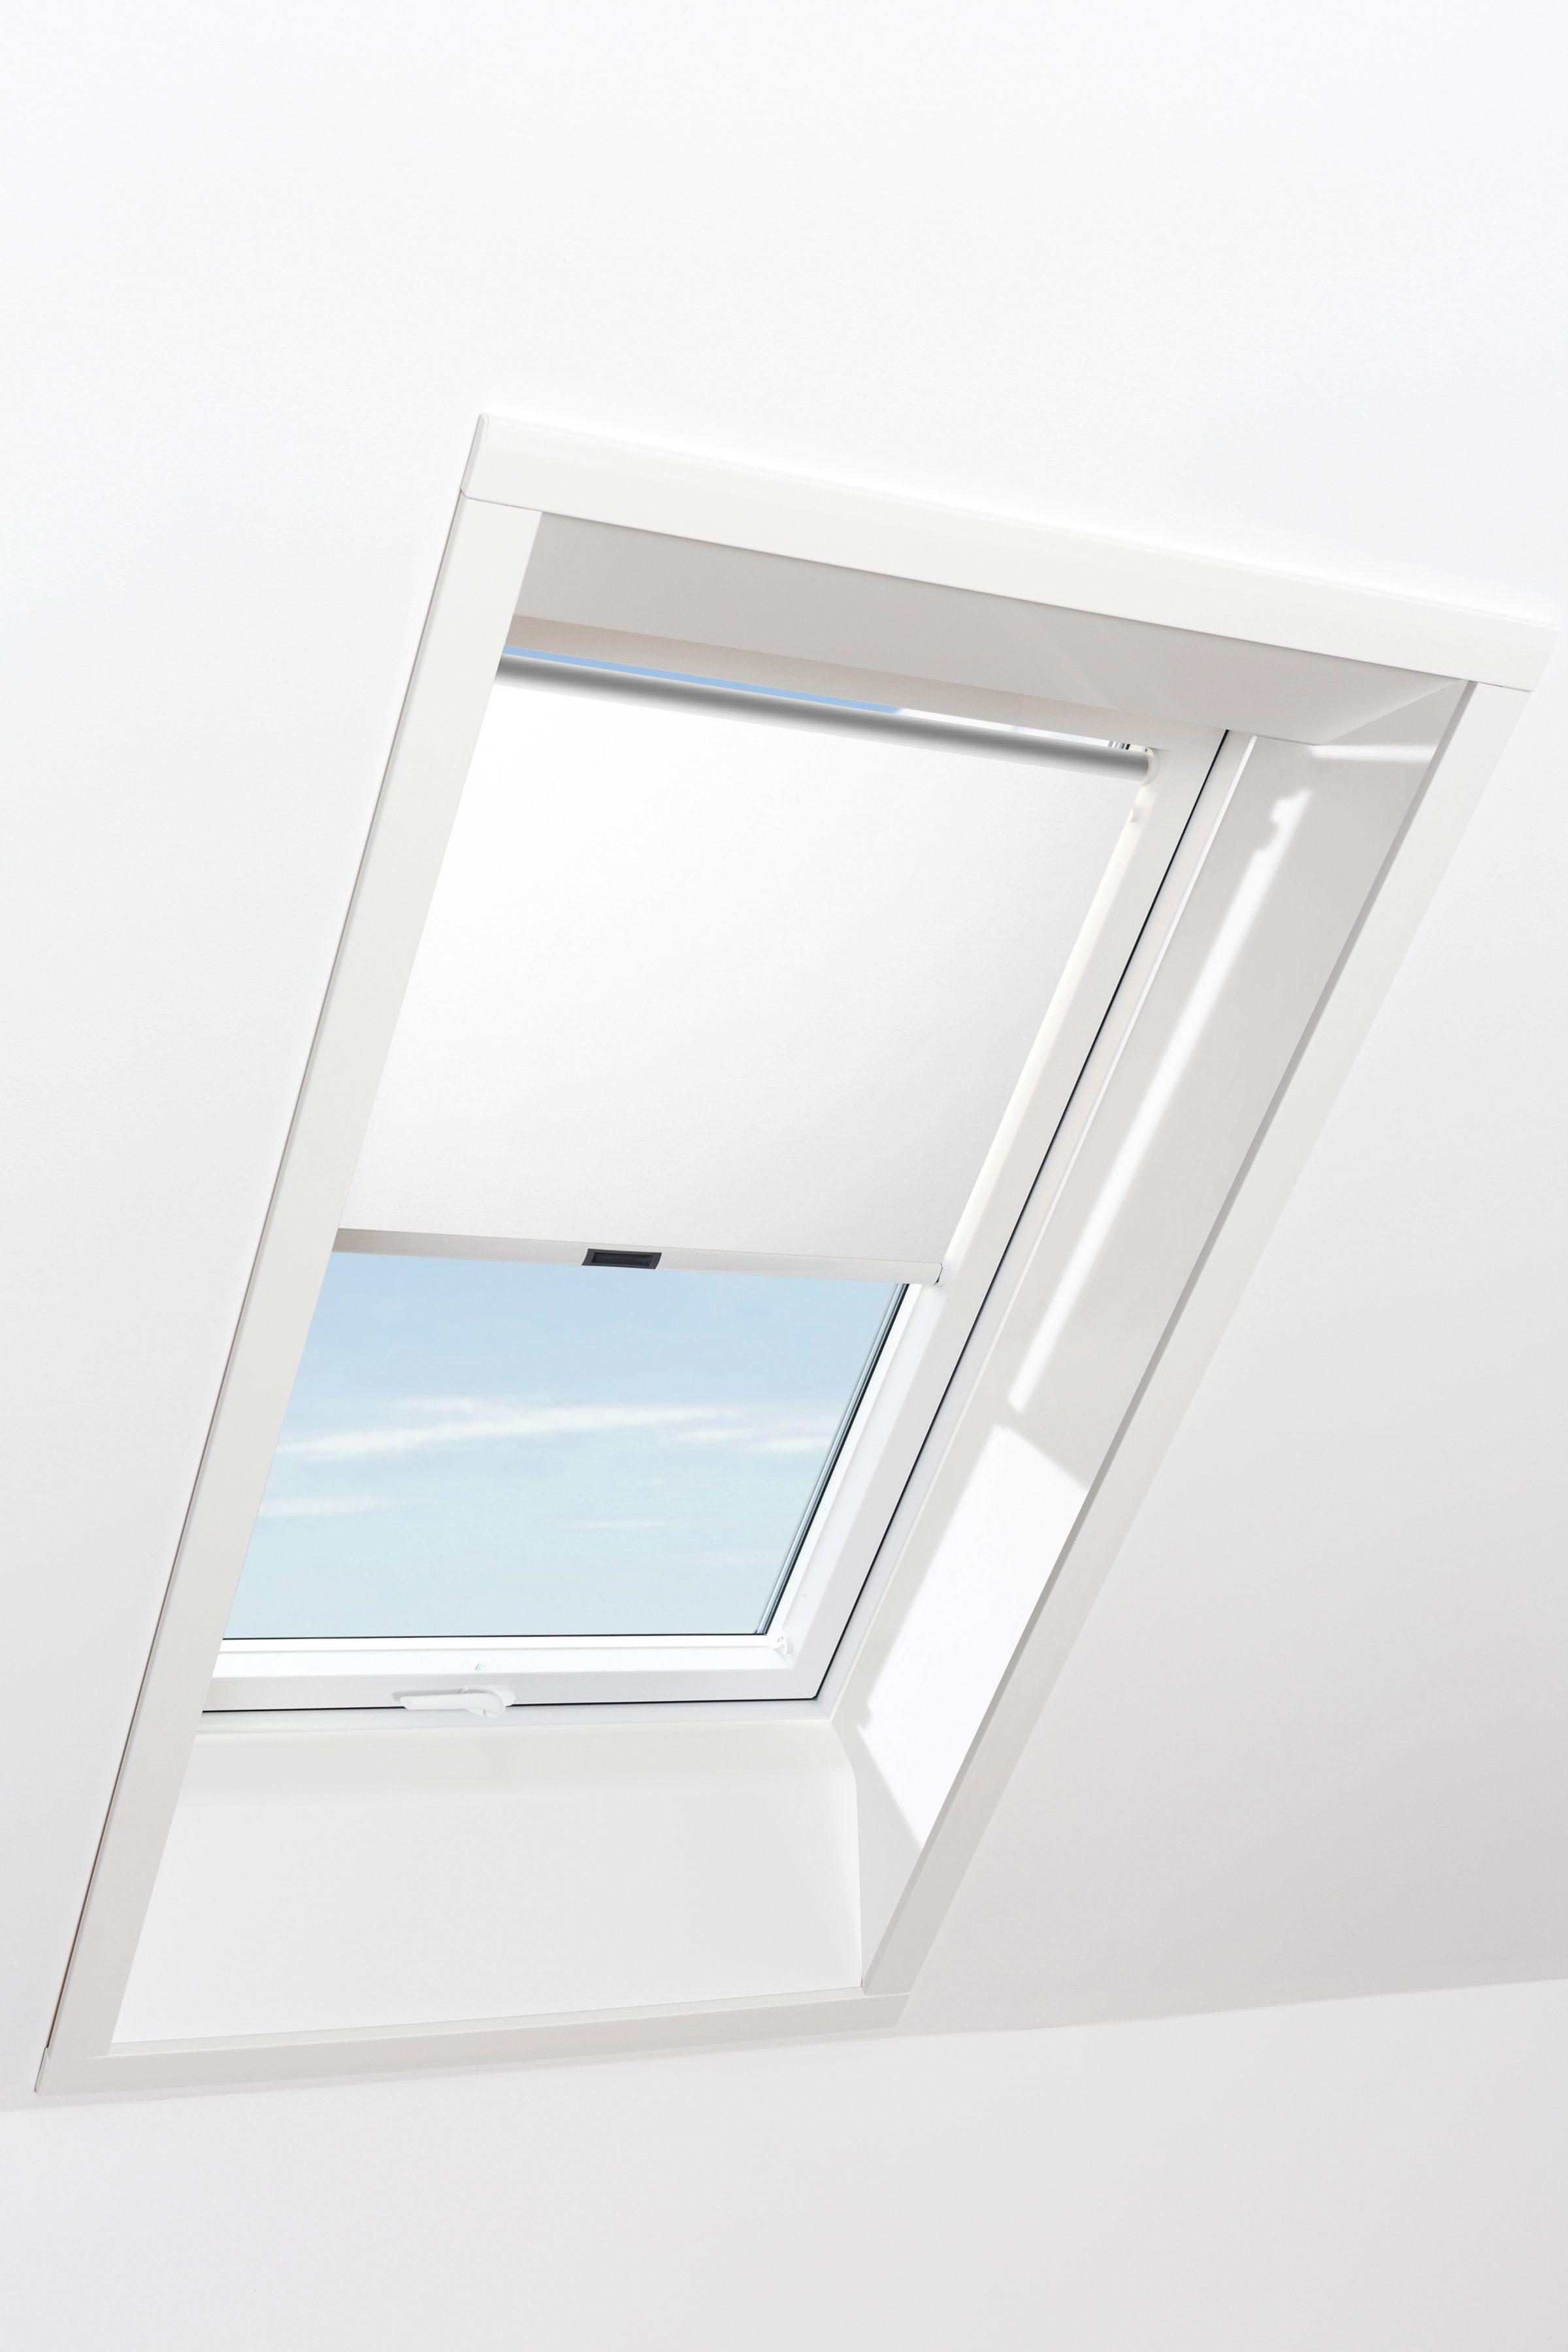 RORO Sichtschutzrollo »Typ SIRW611«, BxL: 65x118 cm, weiß